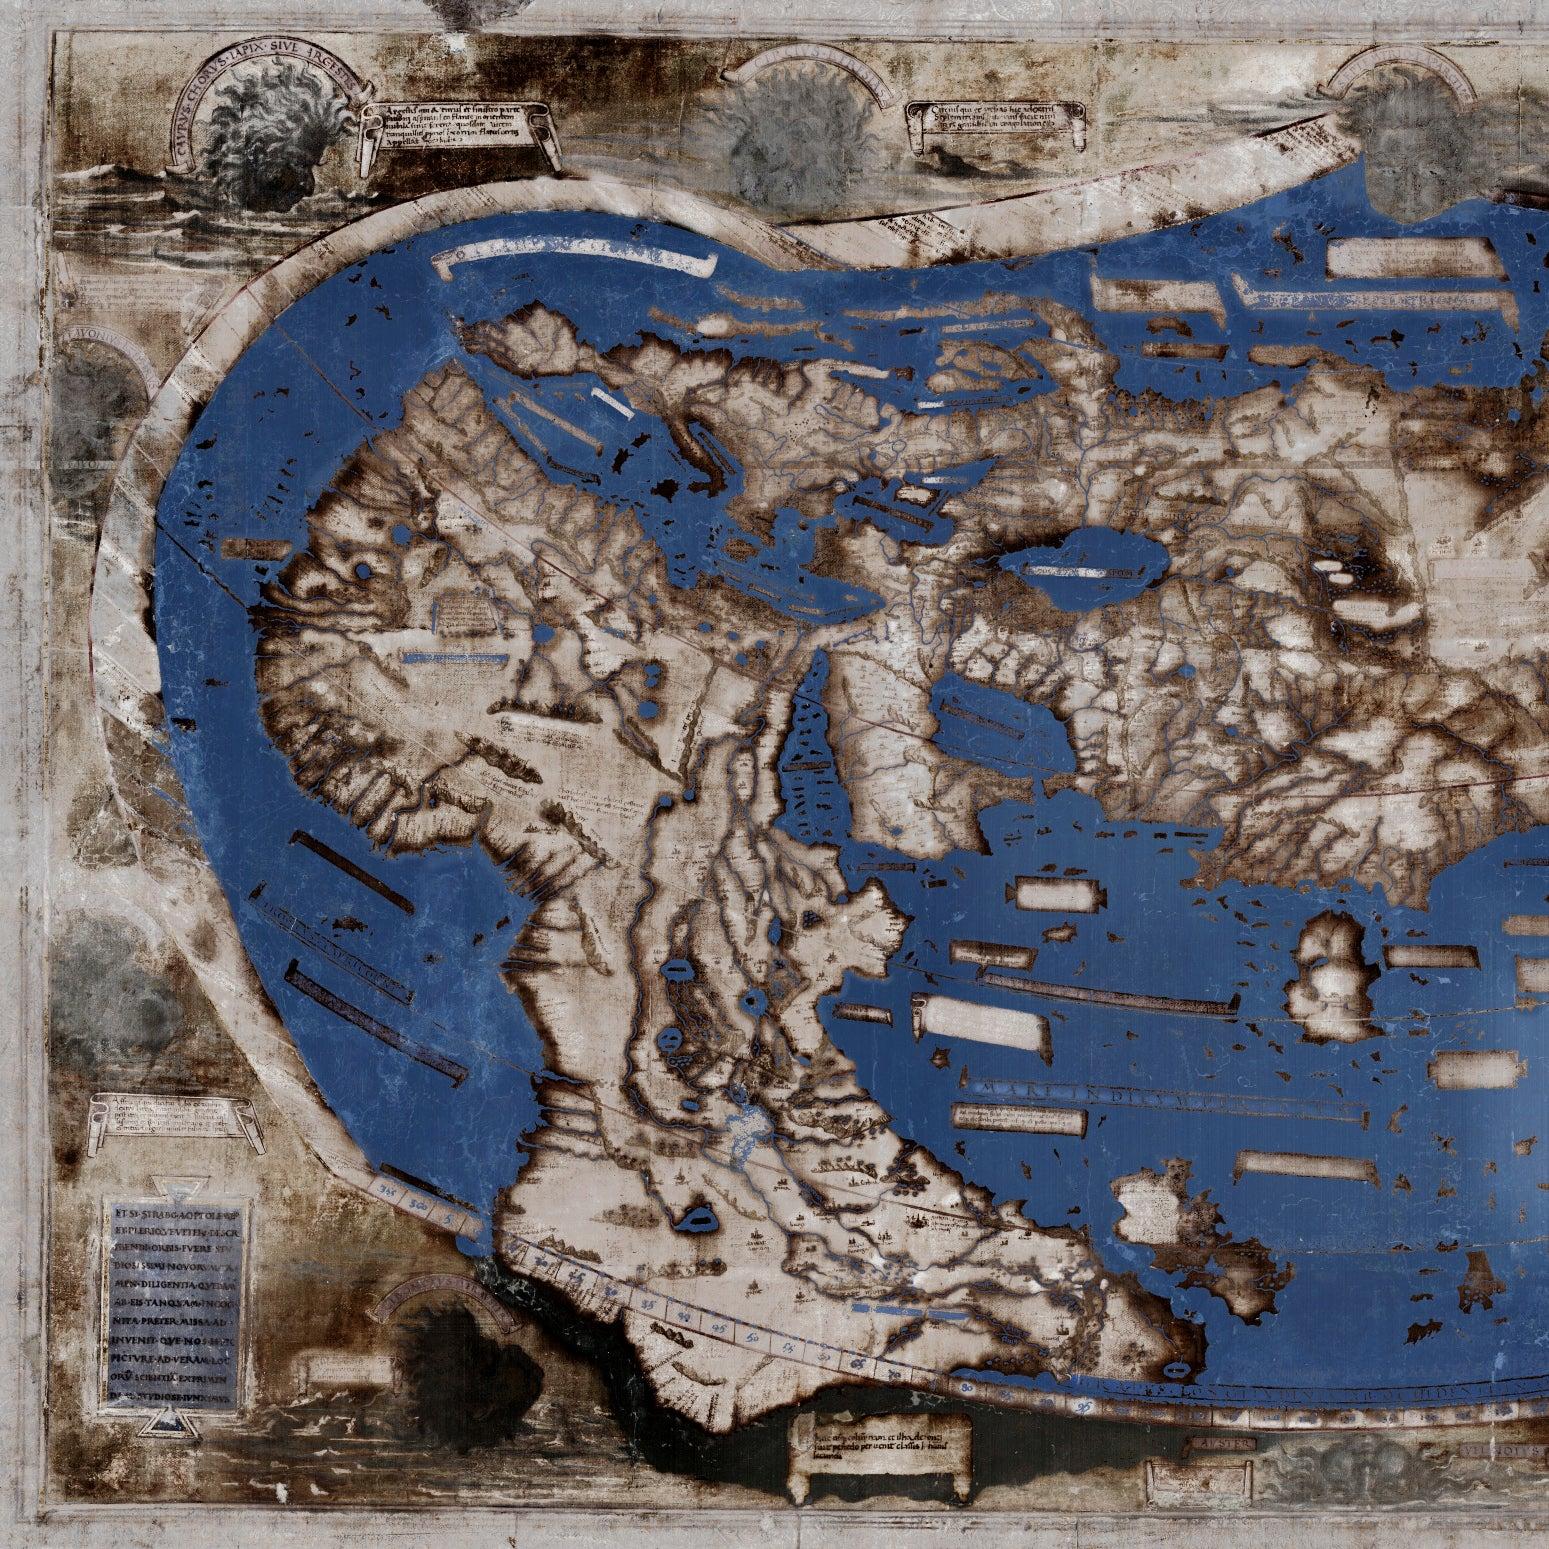 1491 Martellus map